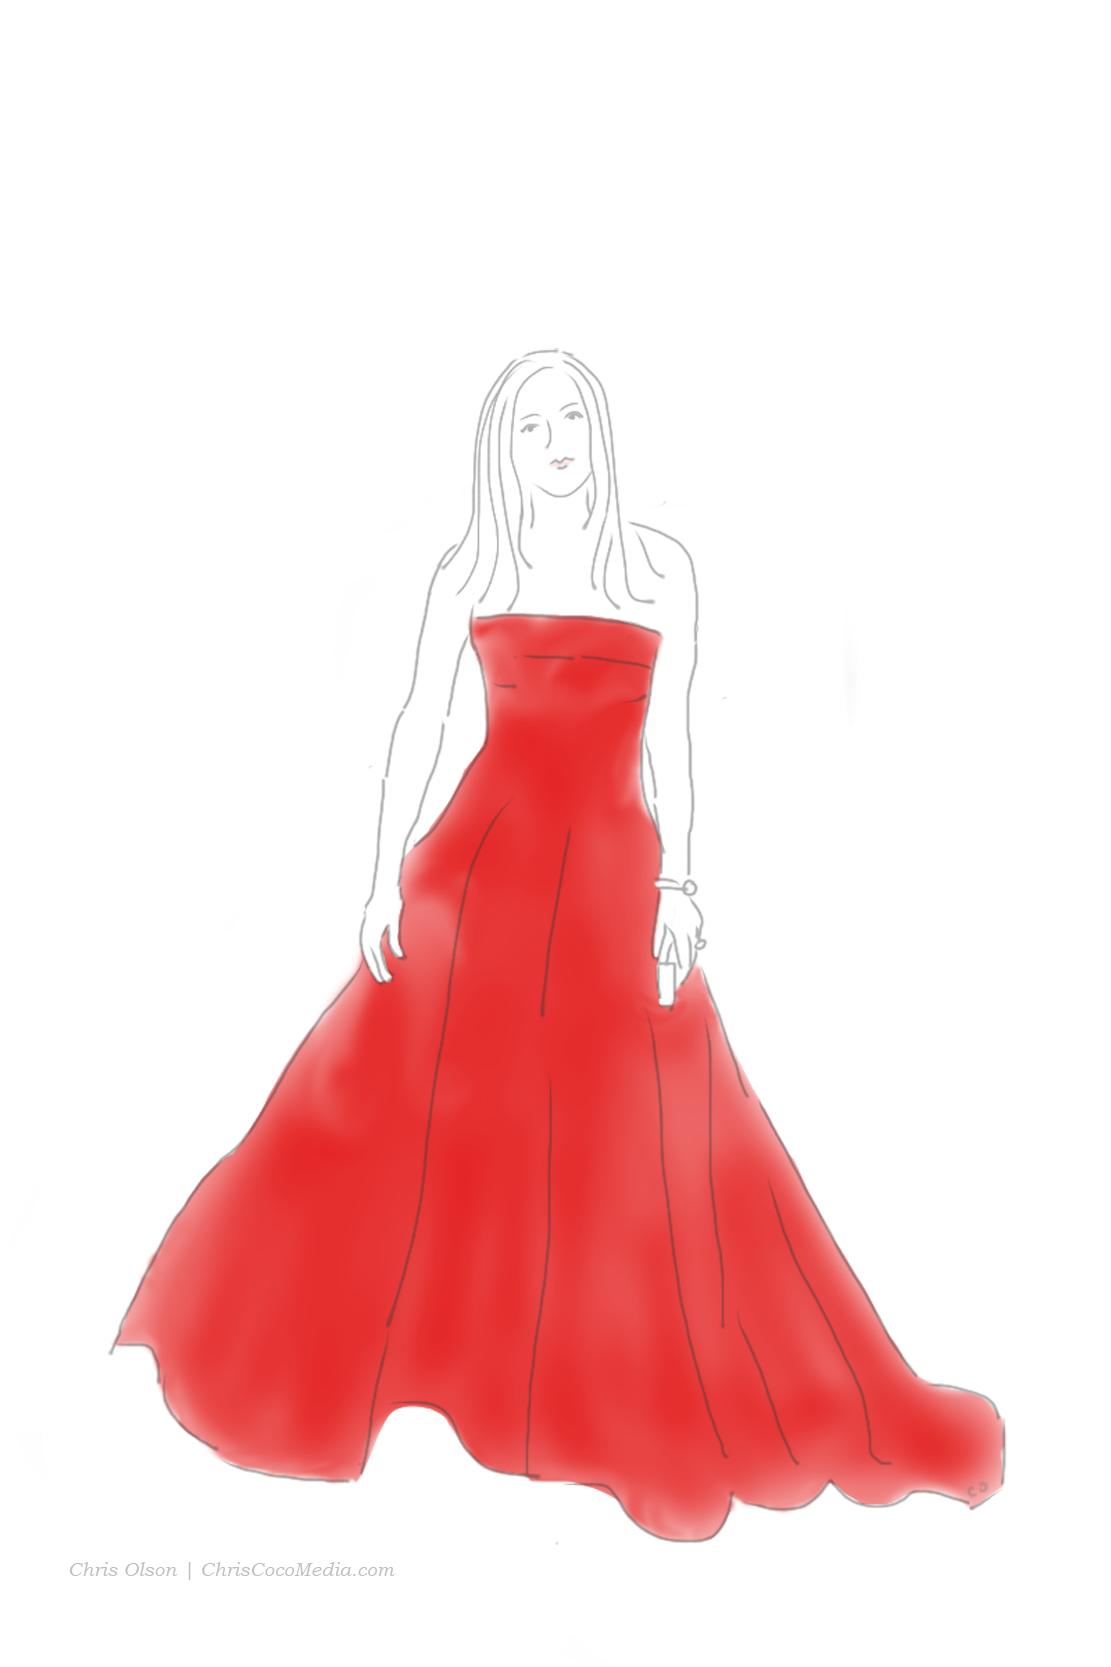 Jennifer_Anistan_Oscars_2013-.png